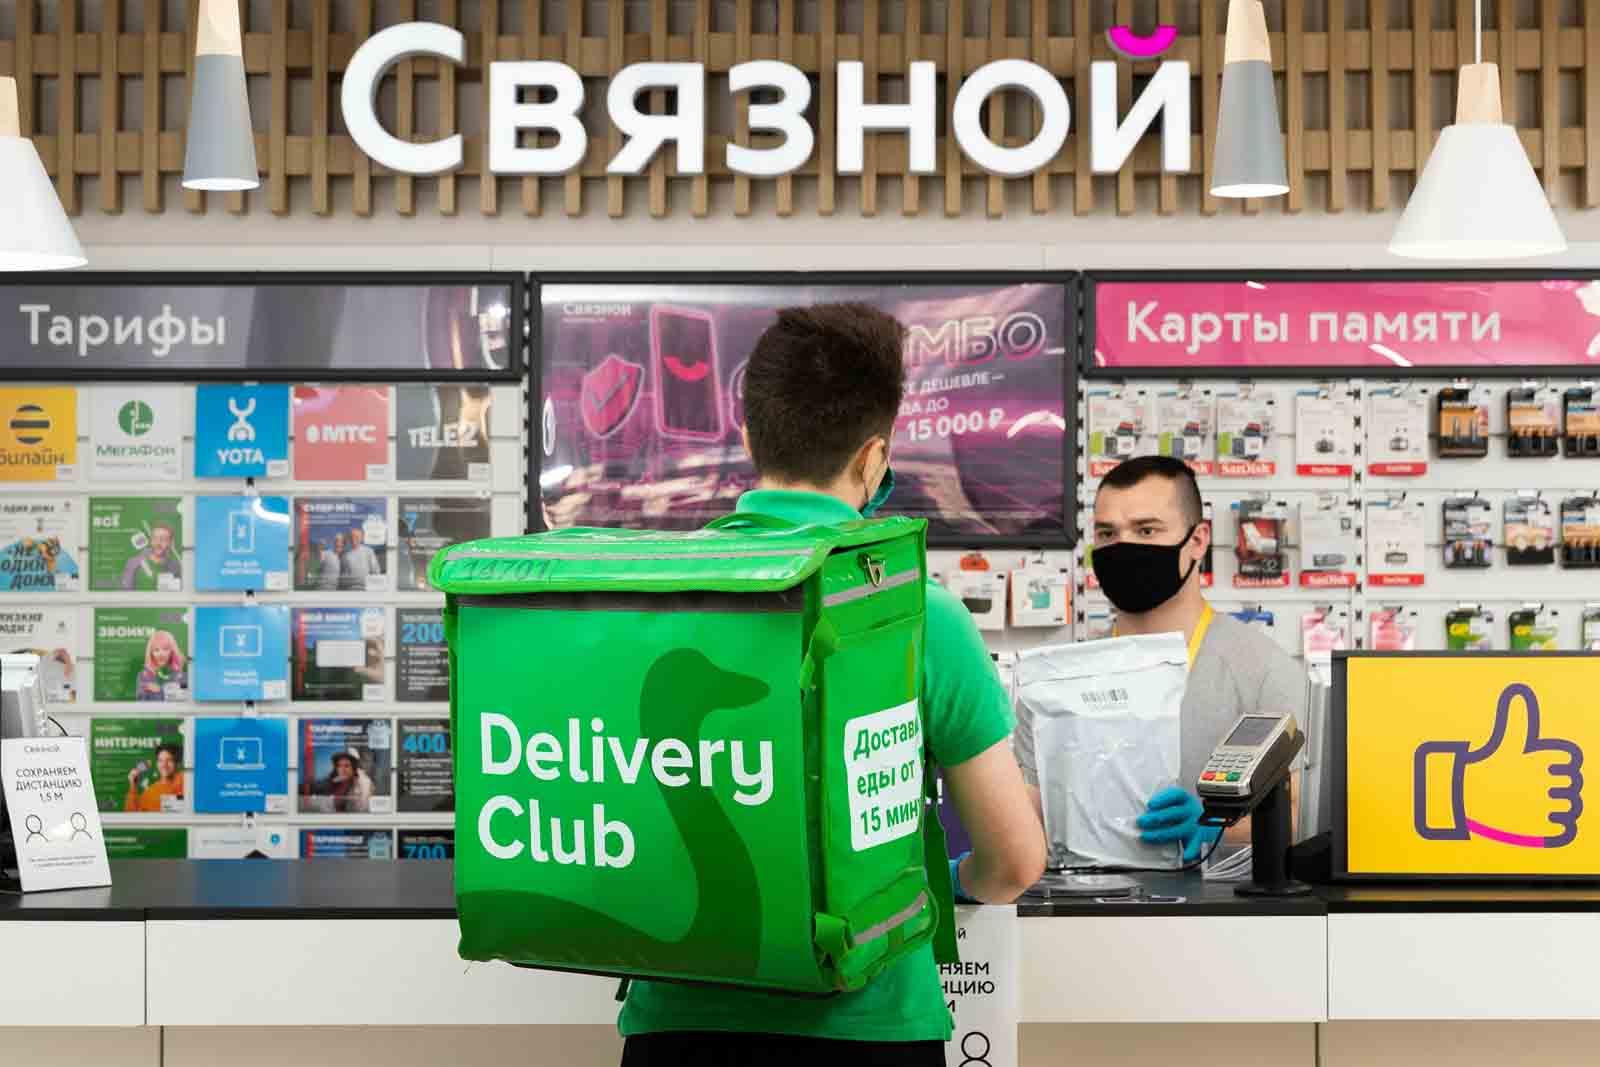 Сервис доставки еды Delivery Club перешел на доставку непродуктовых товаров